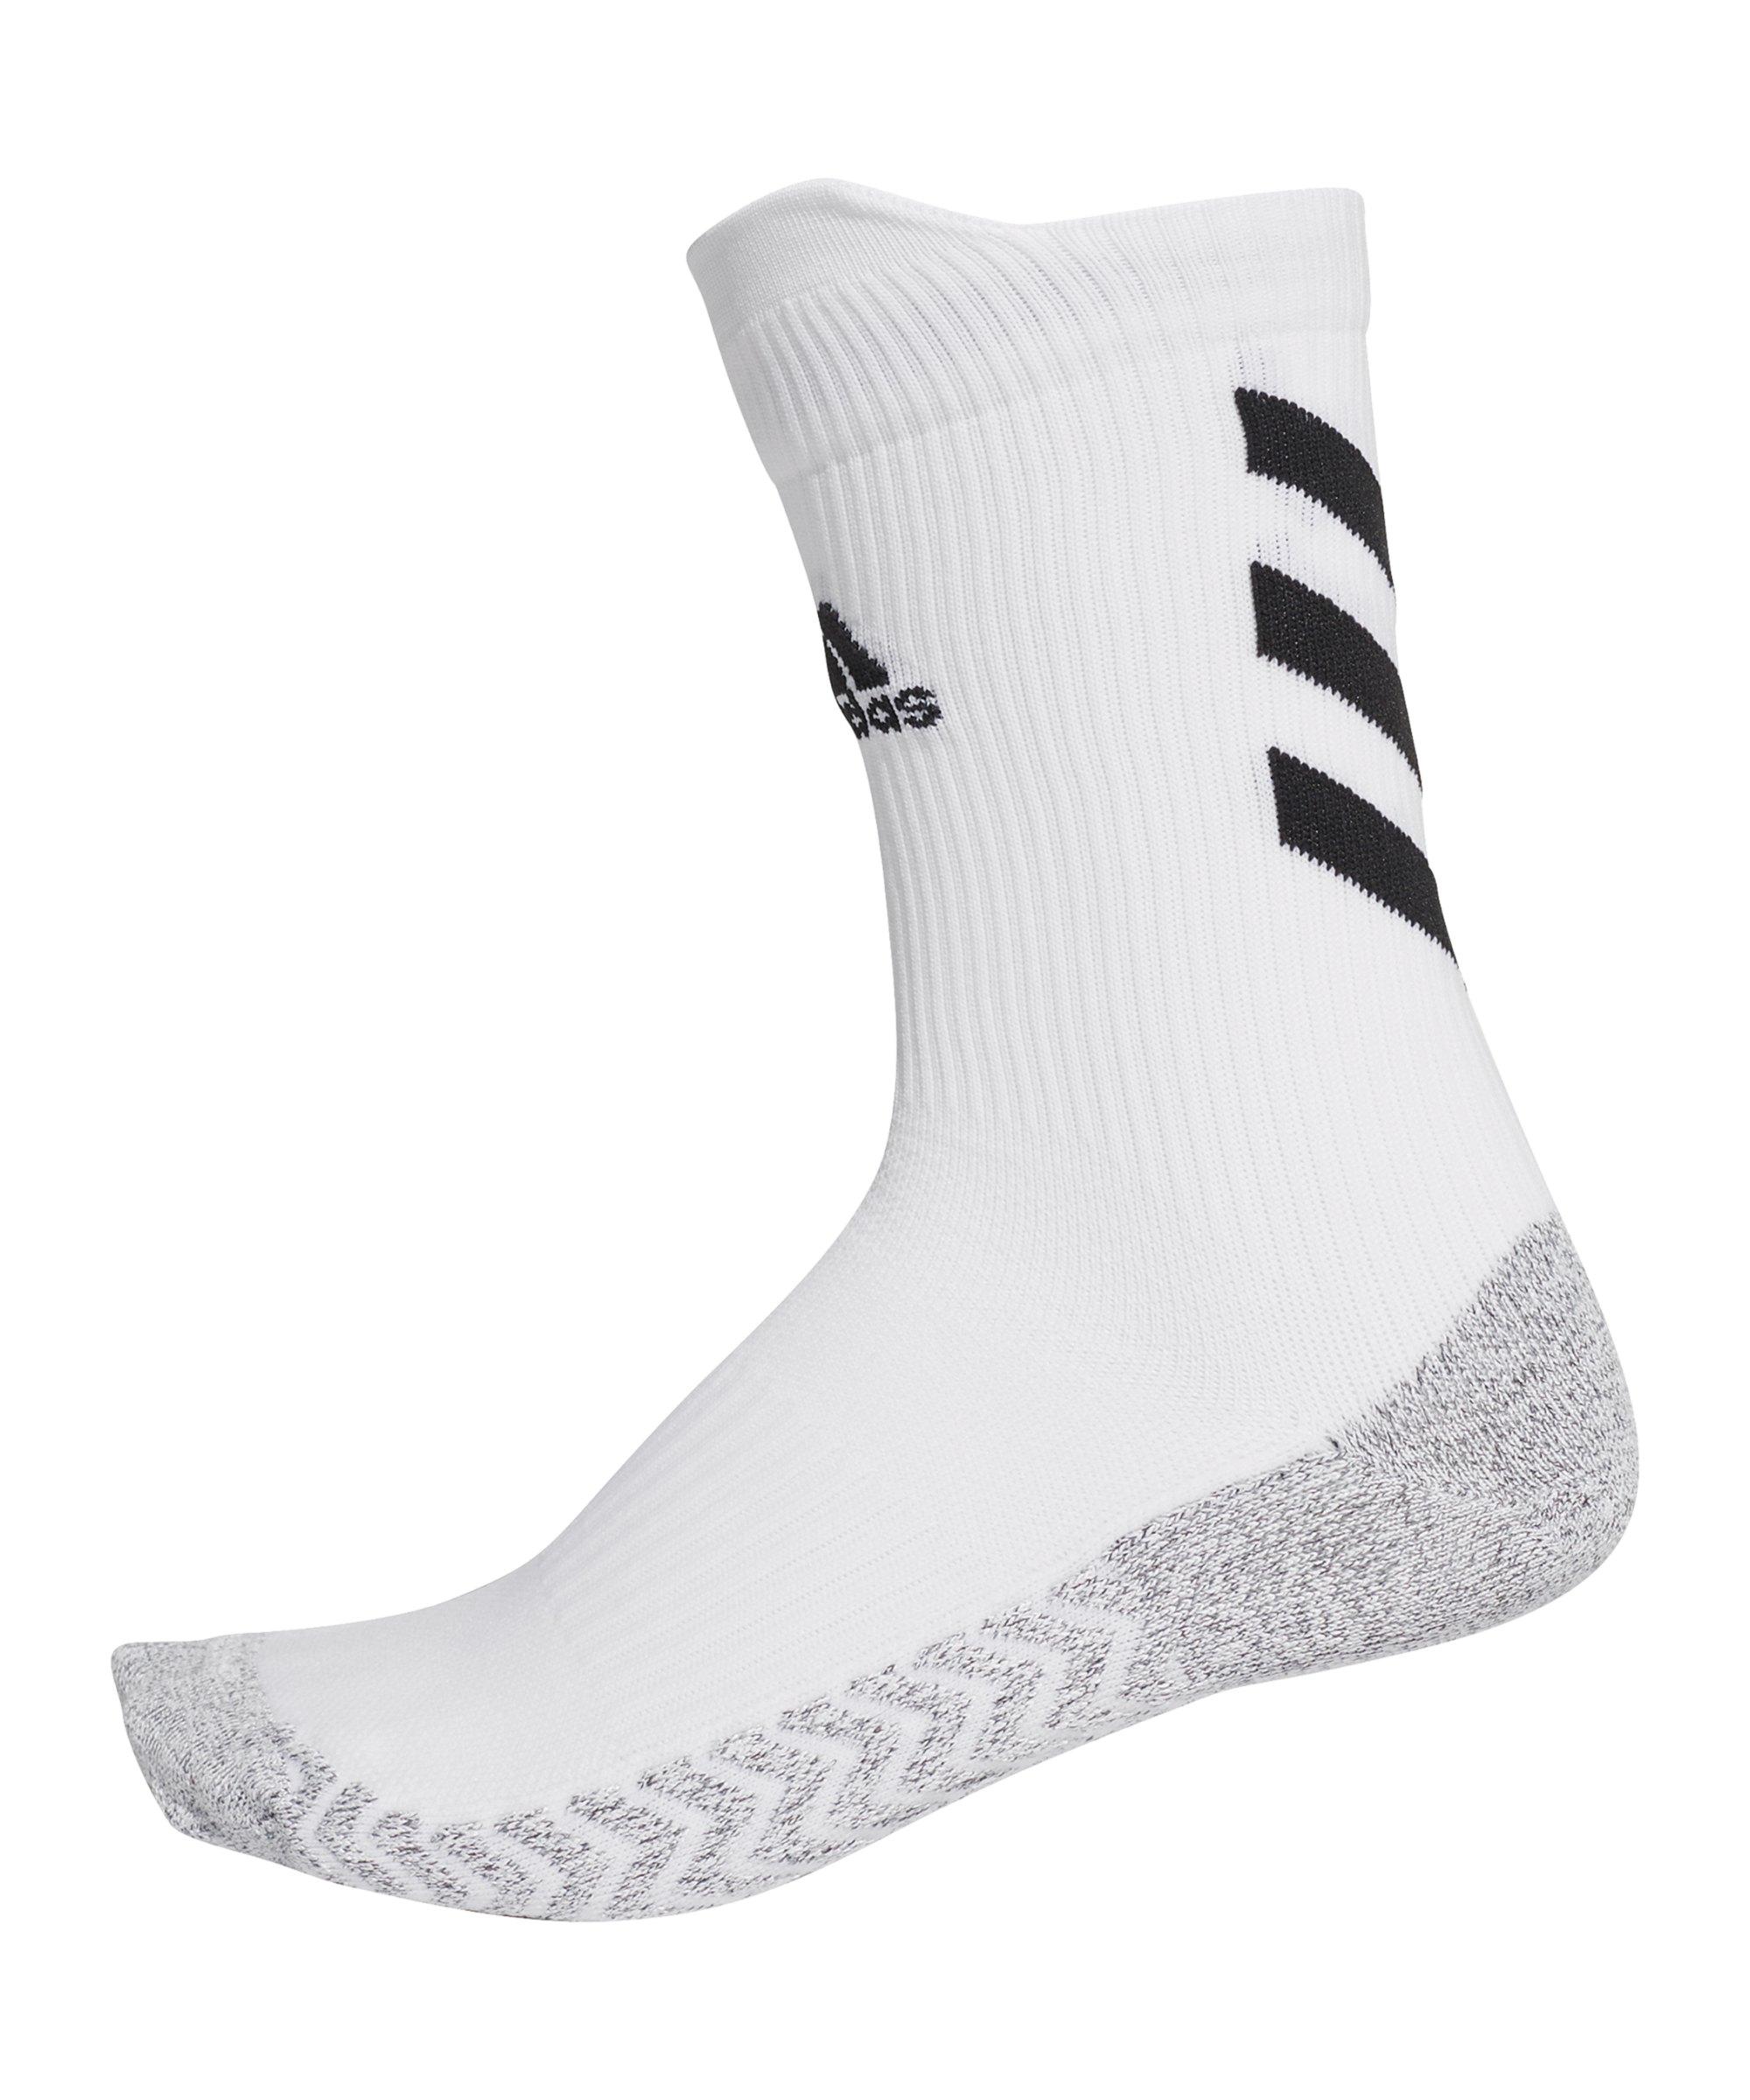 adidas Alphaskin Crew Socks Socken Weiss - weiss